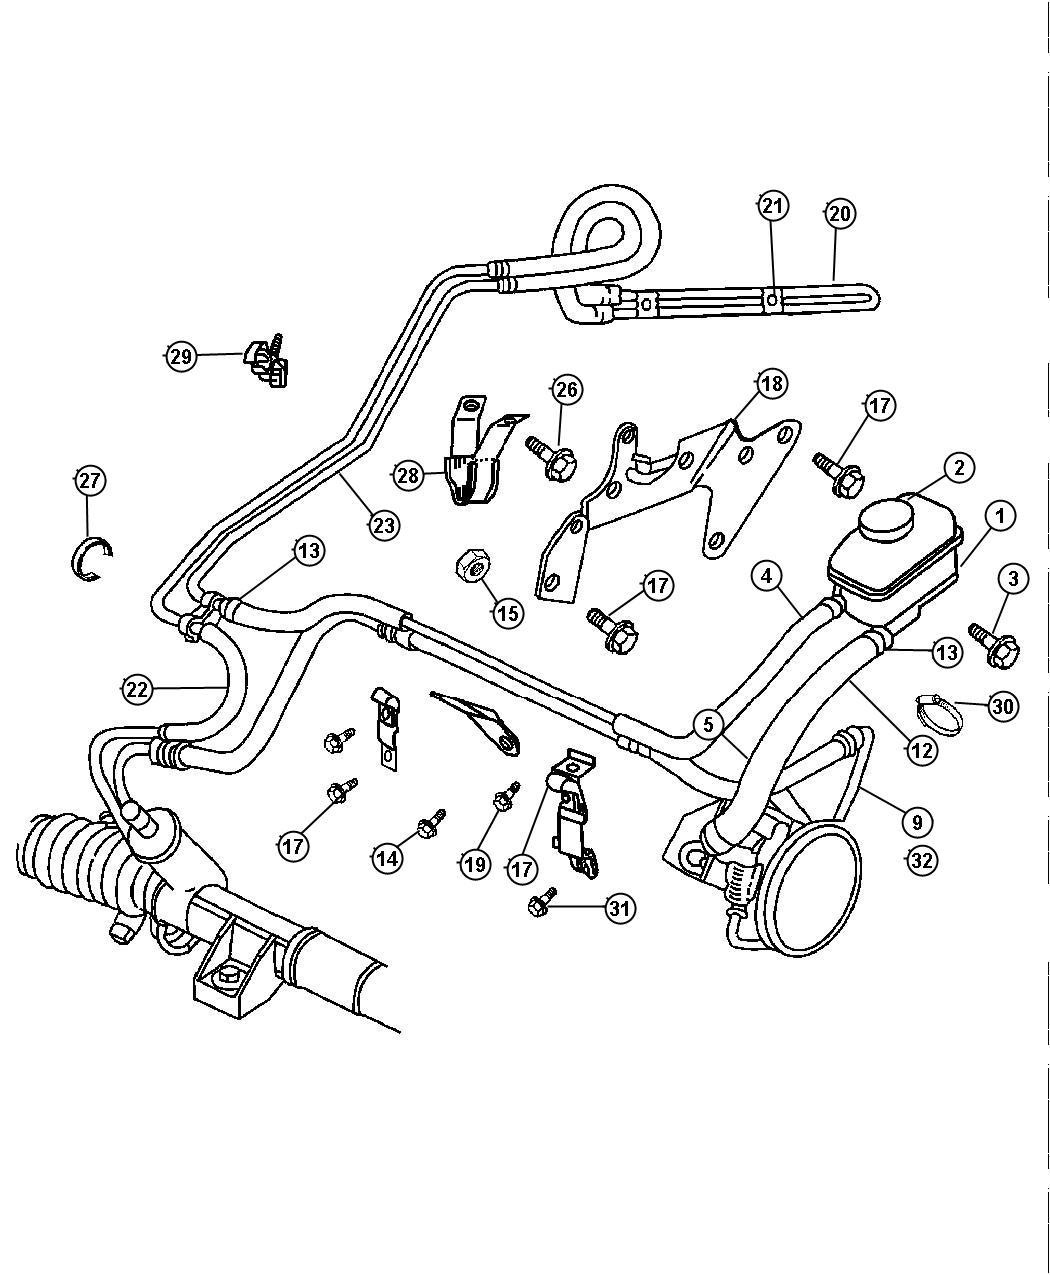 v6 24 valve dohc engine